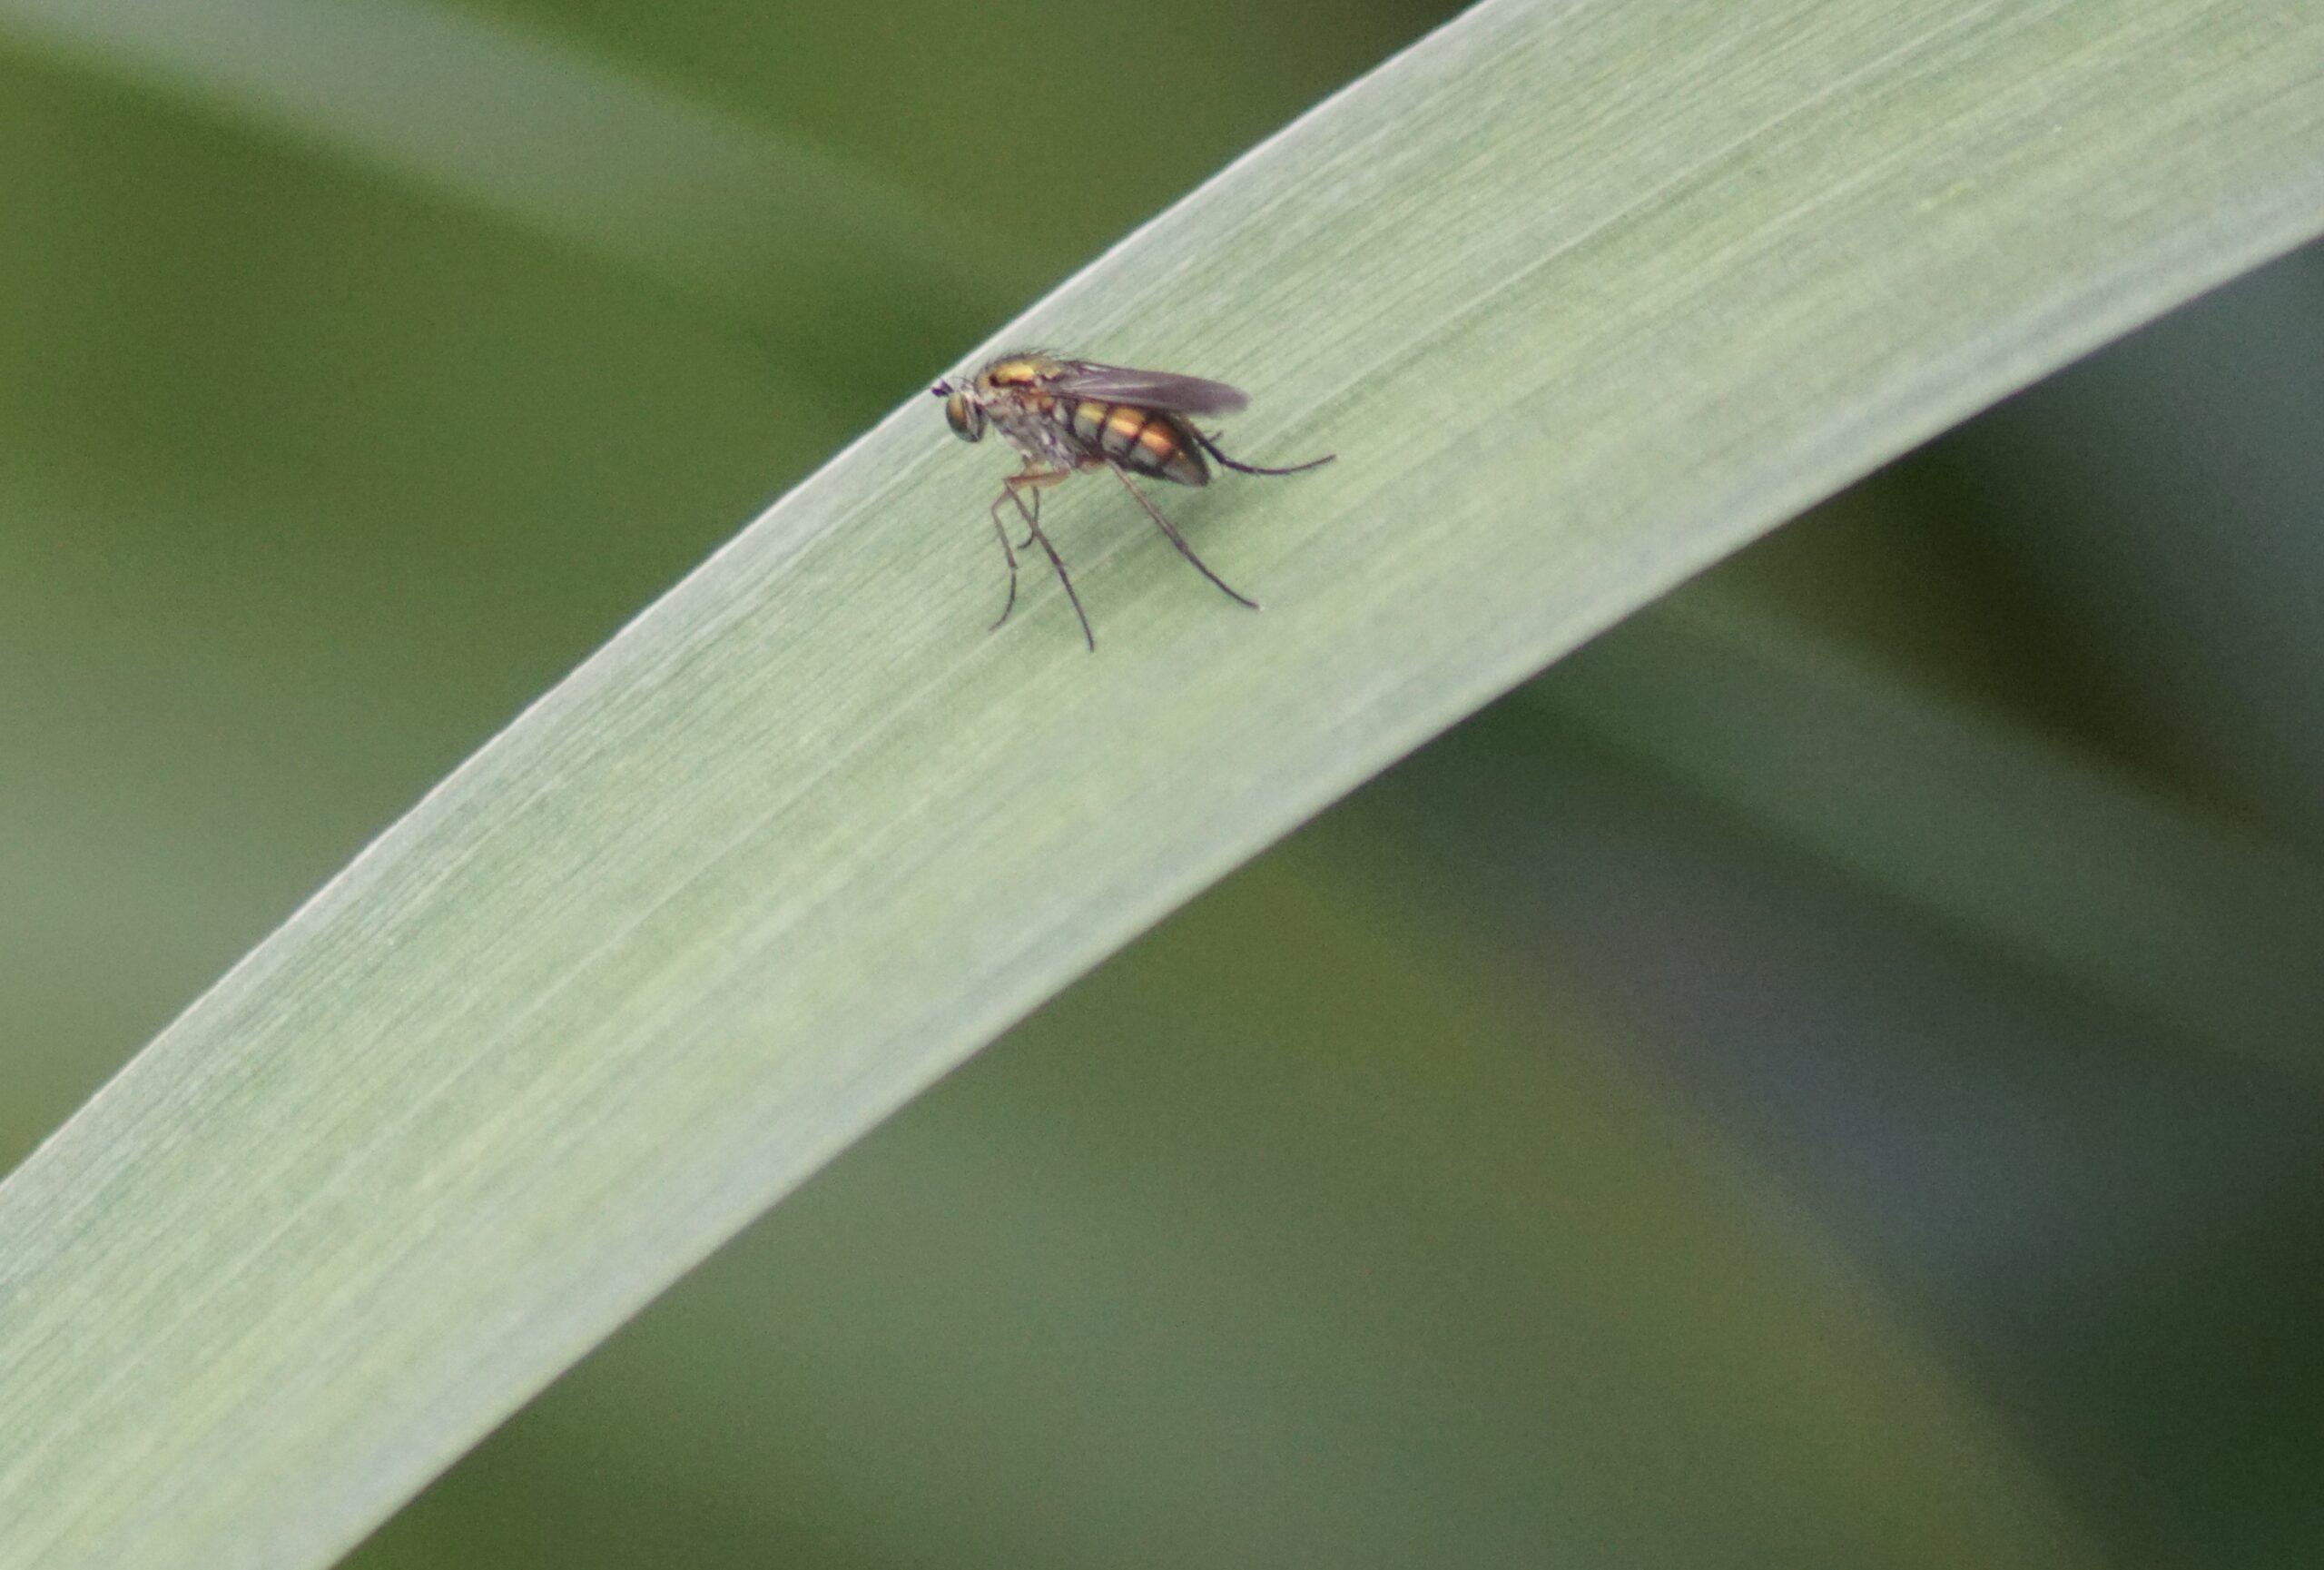 Fly - Dolichopus popularis